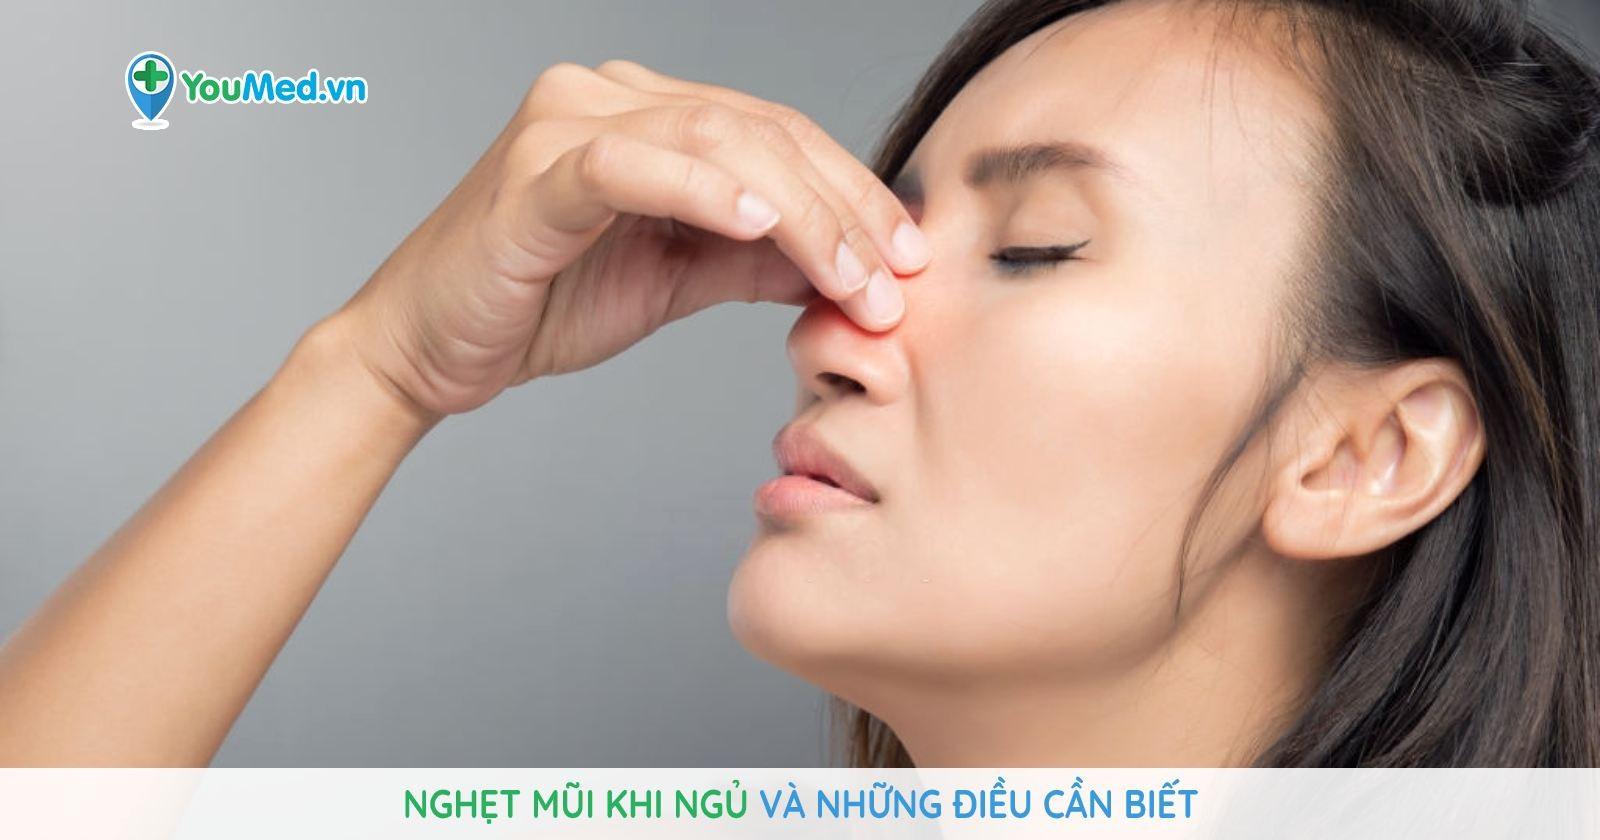 Nghẹt mũi khi ngủ và những điều cần biết